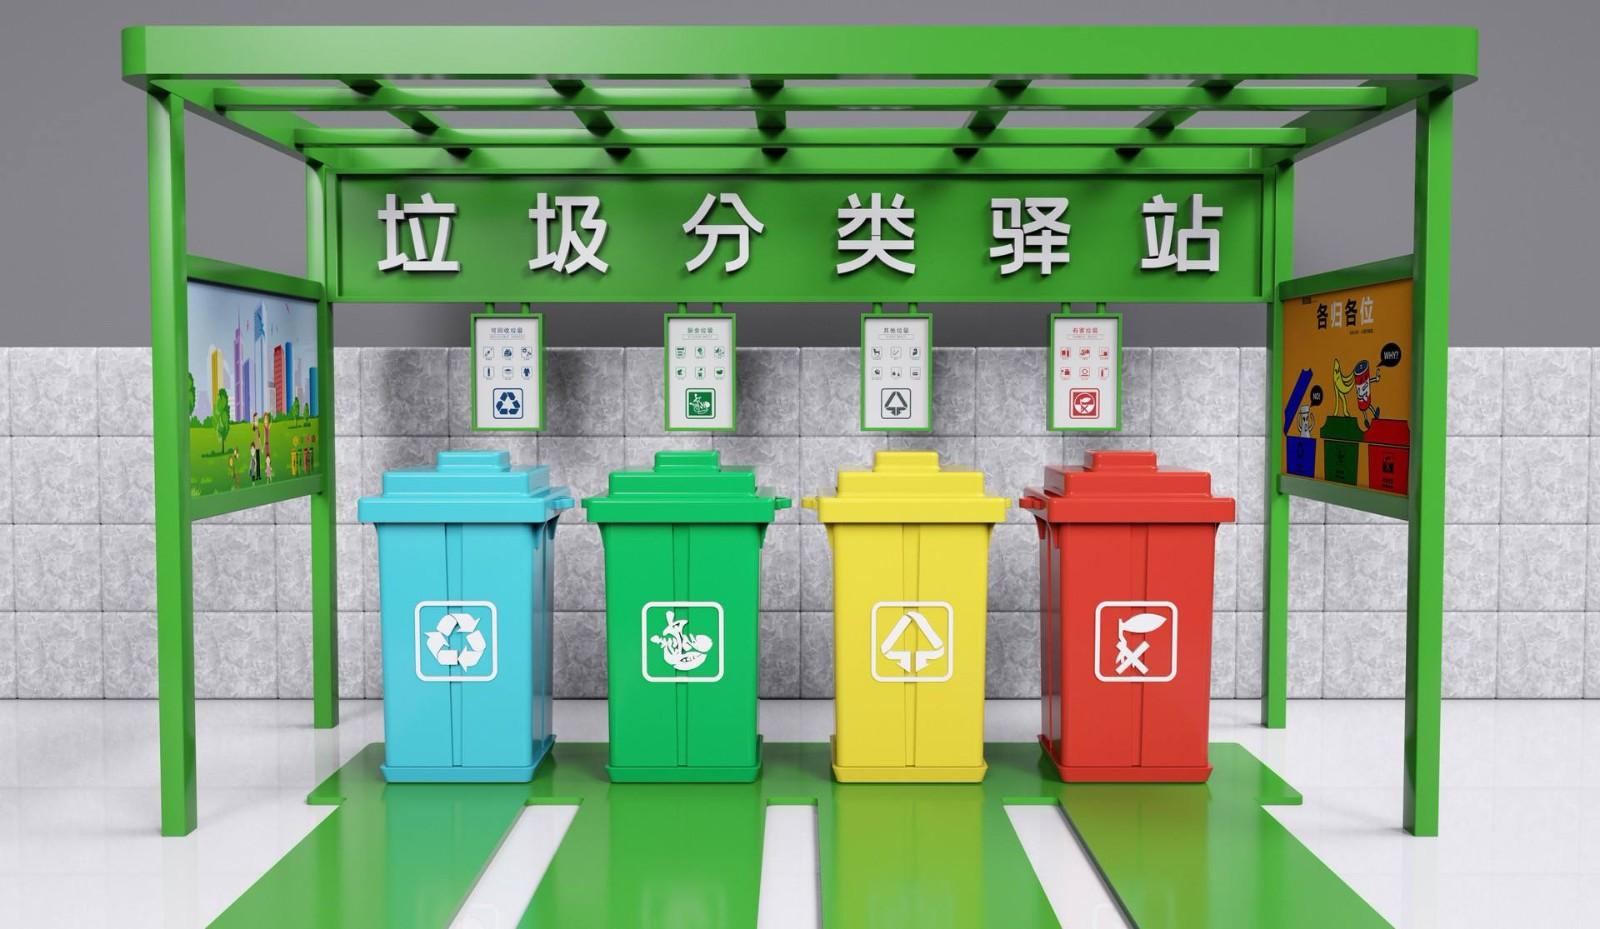 六地加入垃圾分类行列:奖罚分明、纳入征信动真格